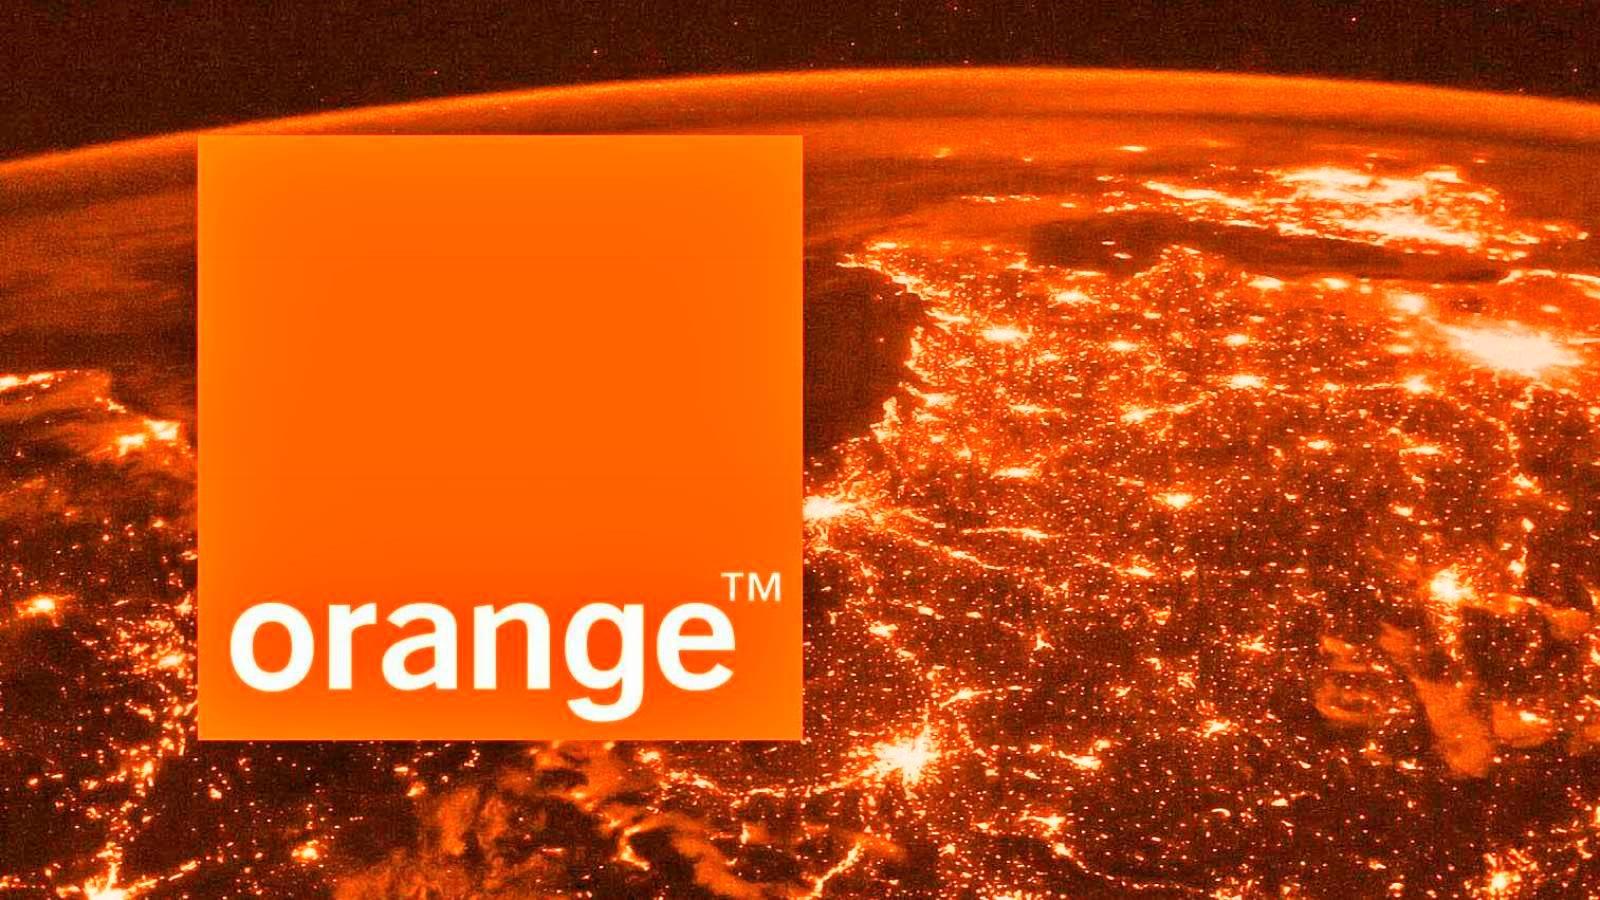 Orange mesagerie